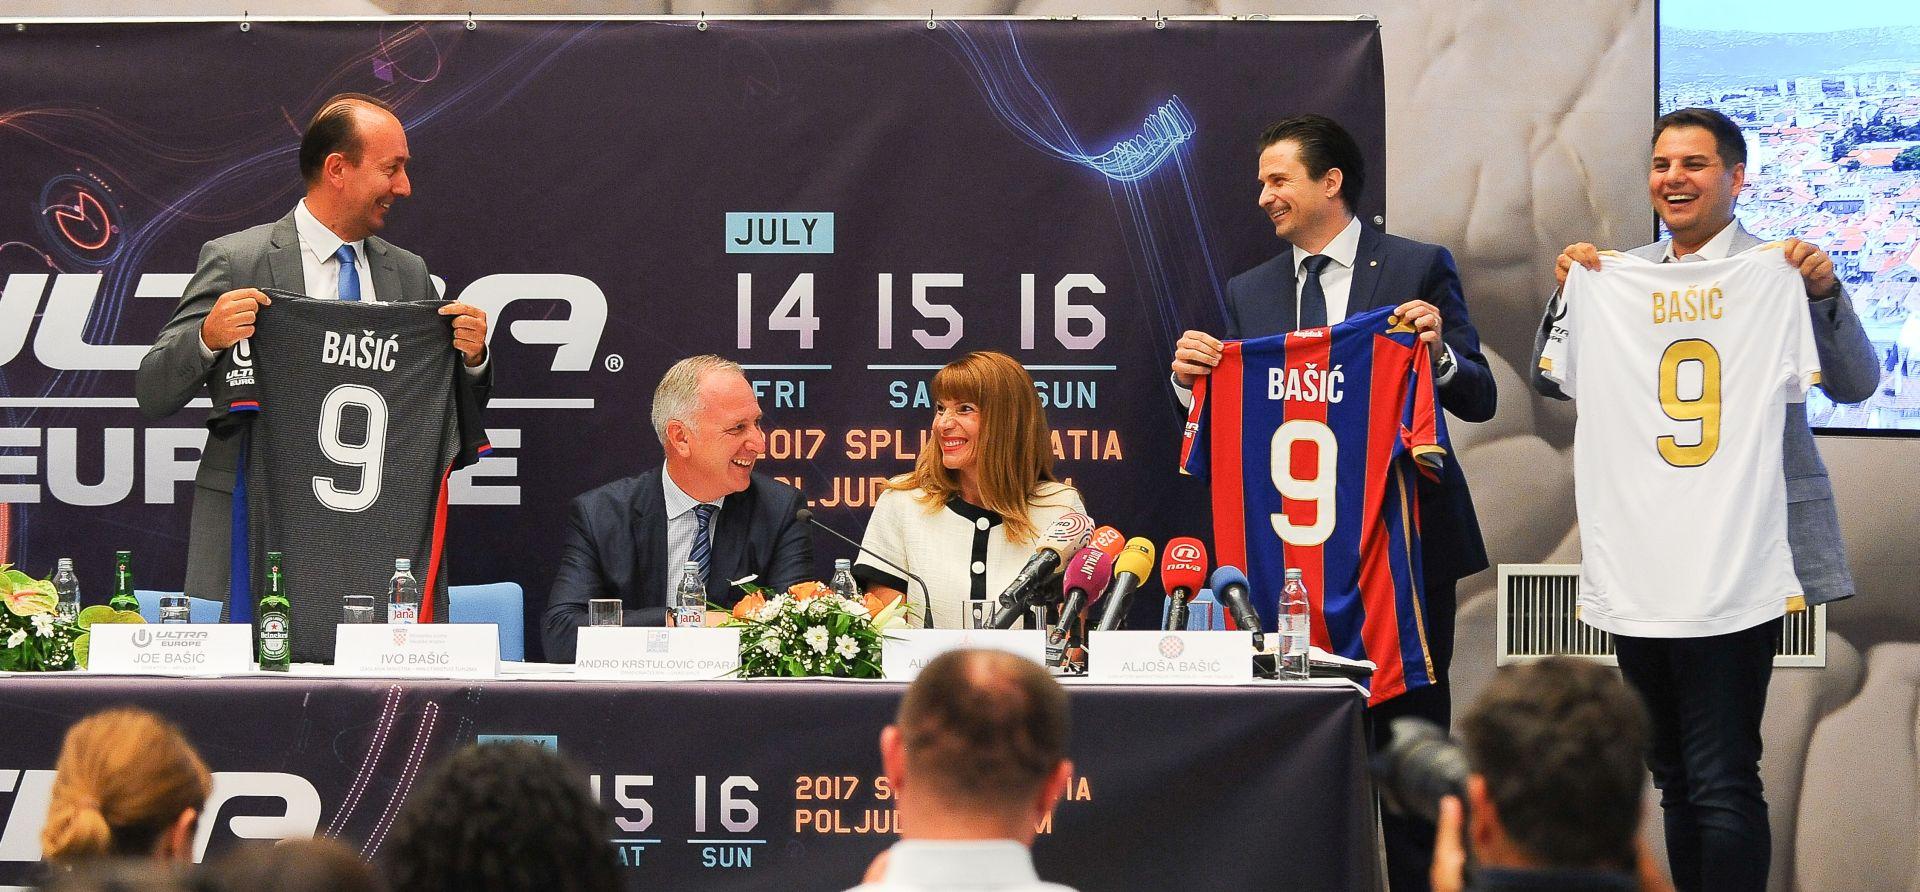 Ultra i Hajduk potpisali sponzorski ugovor